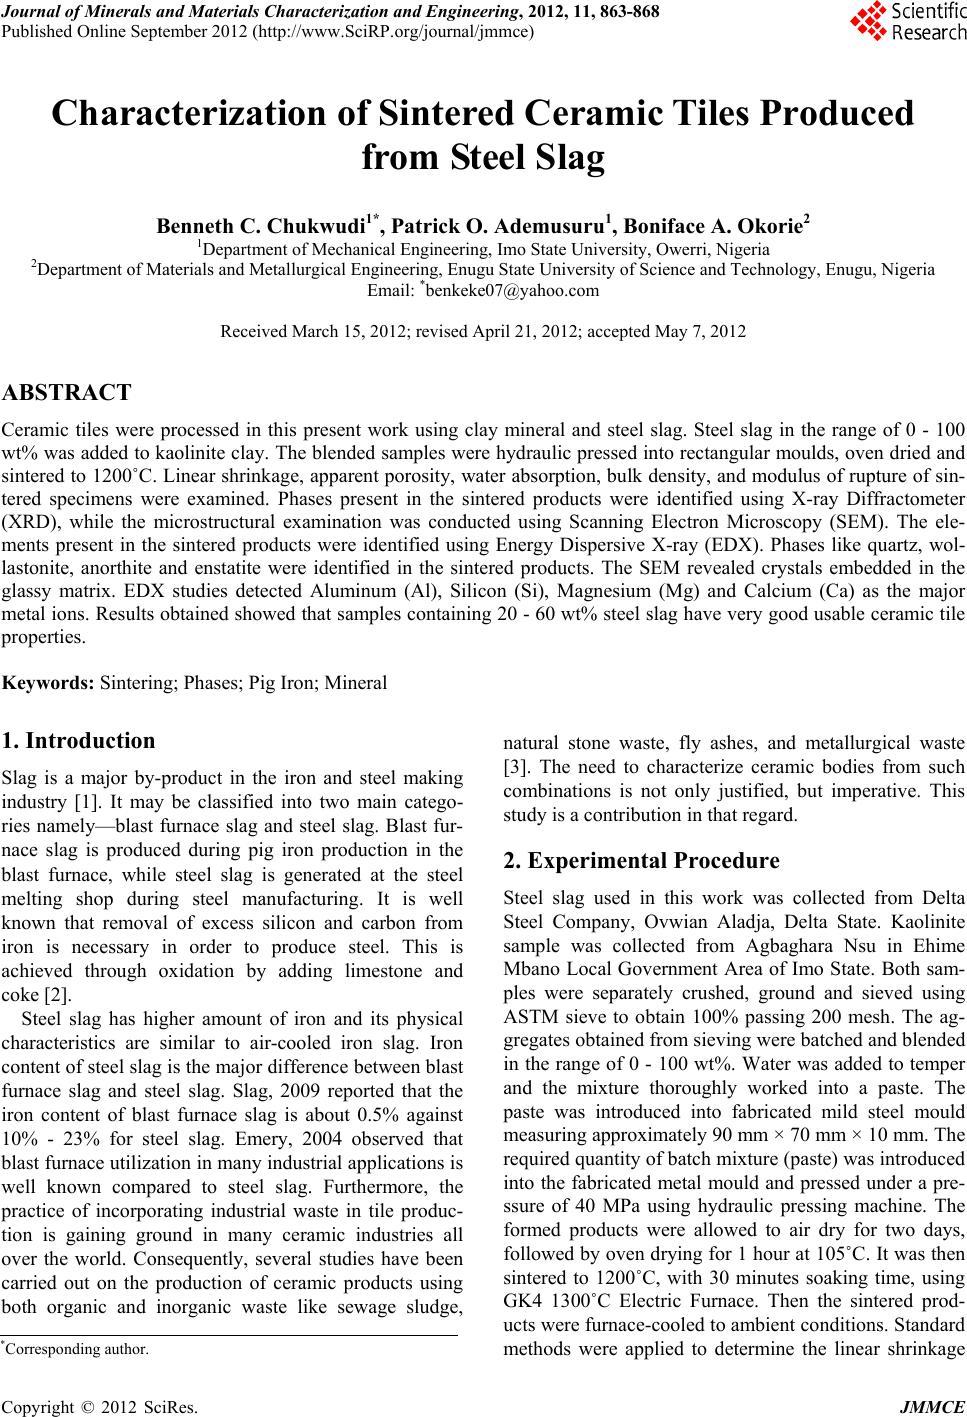 pdf системы вентиляции и кондиционирования рекомендации по проектированию испытаниям и наладке 2004